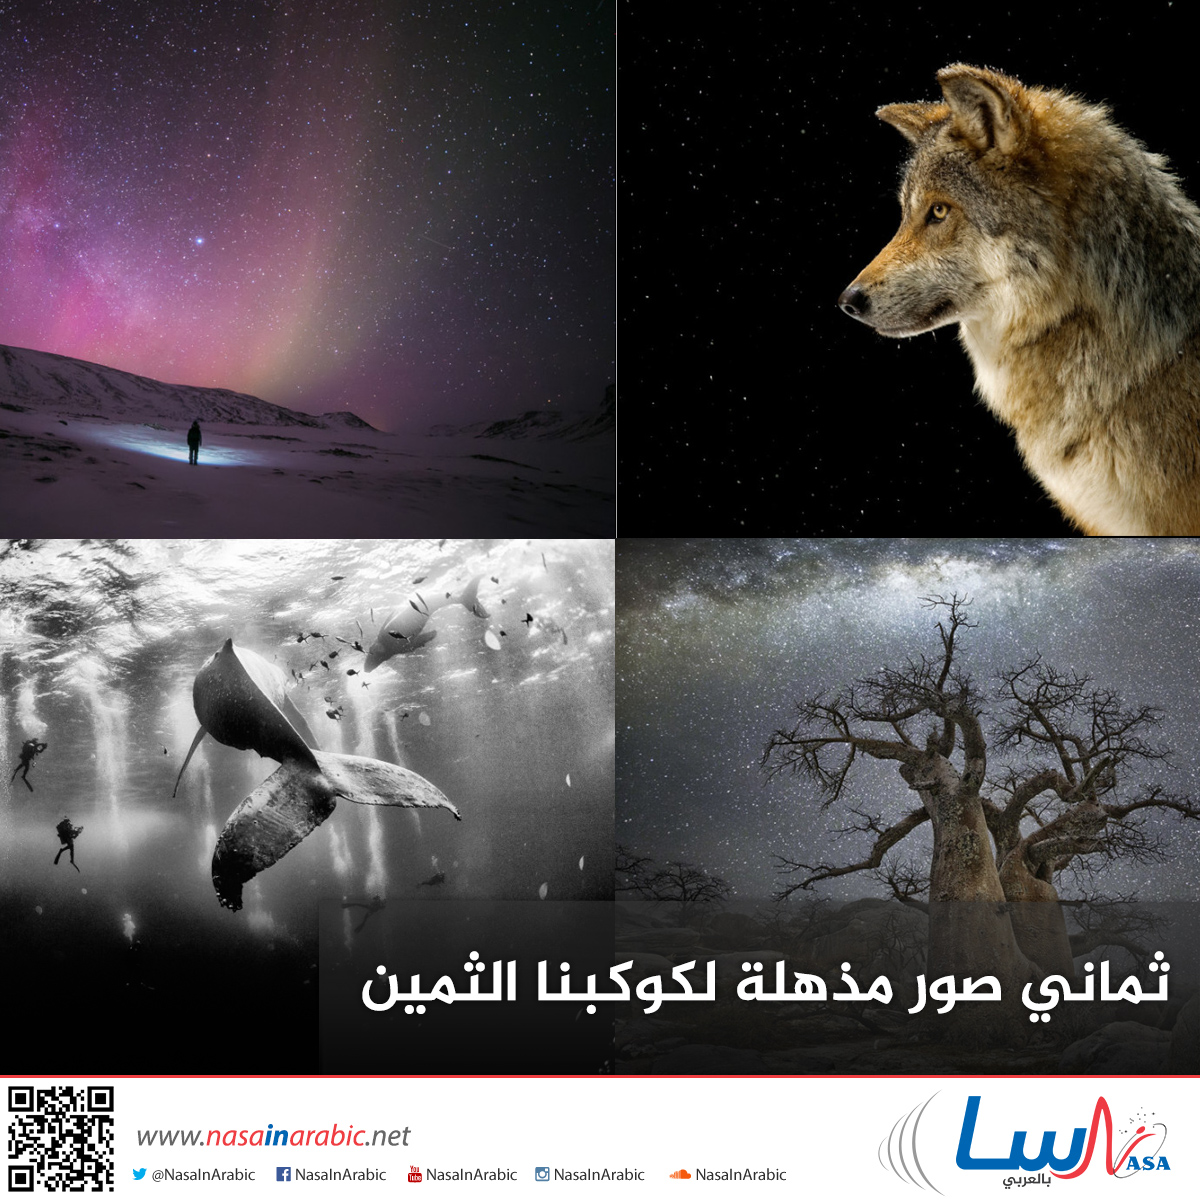 ثماني صور مذهلة لكوكبنا الثمين